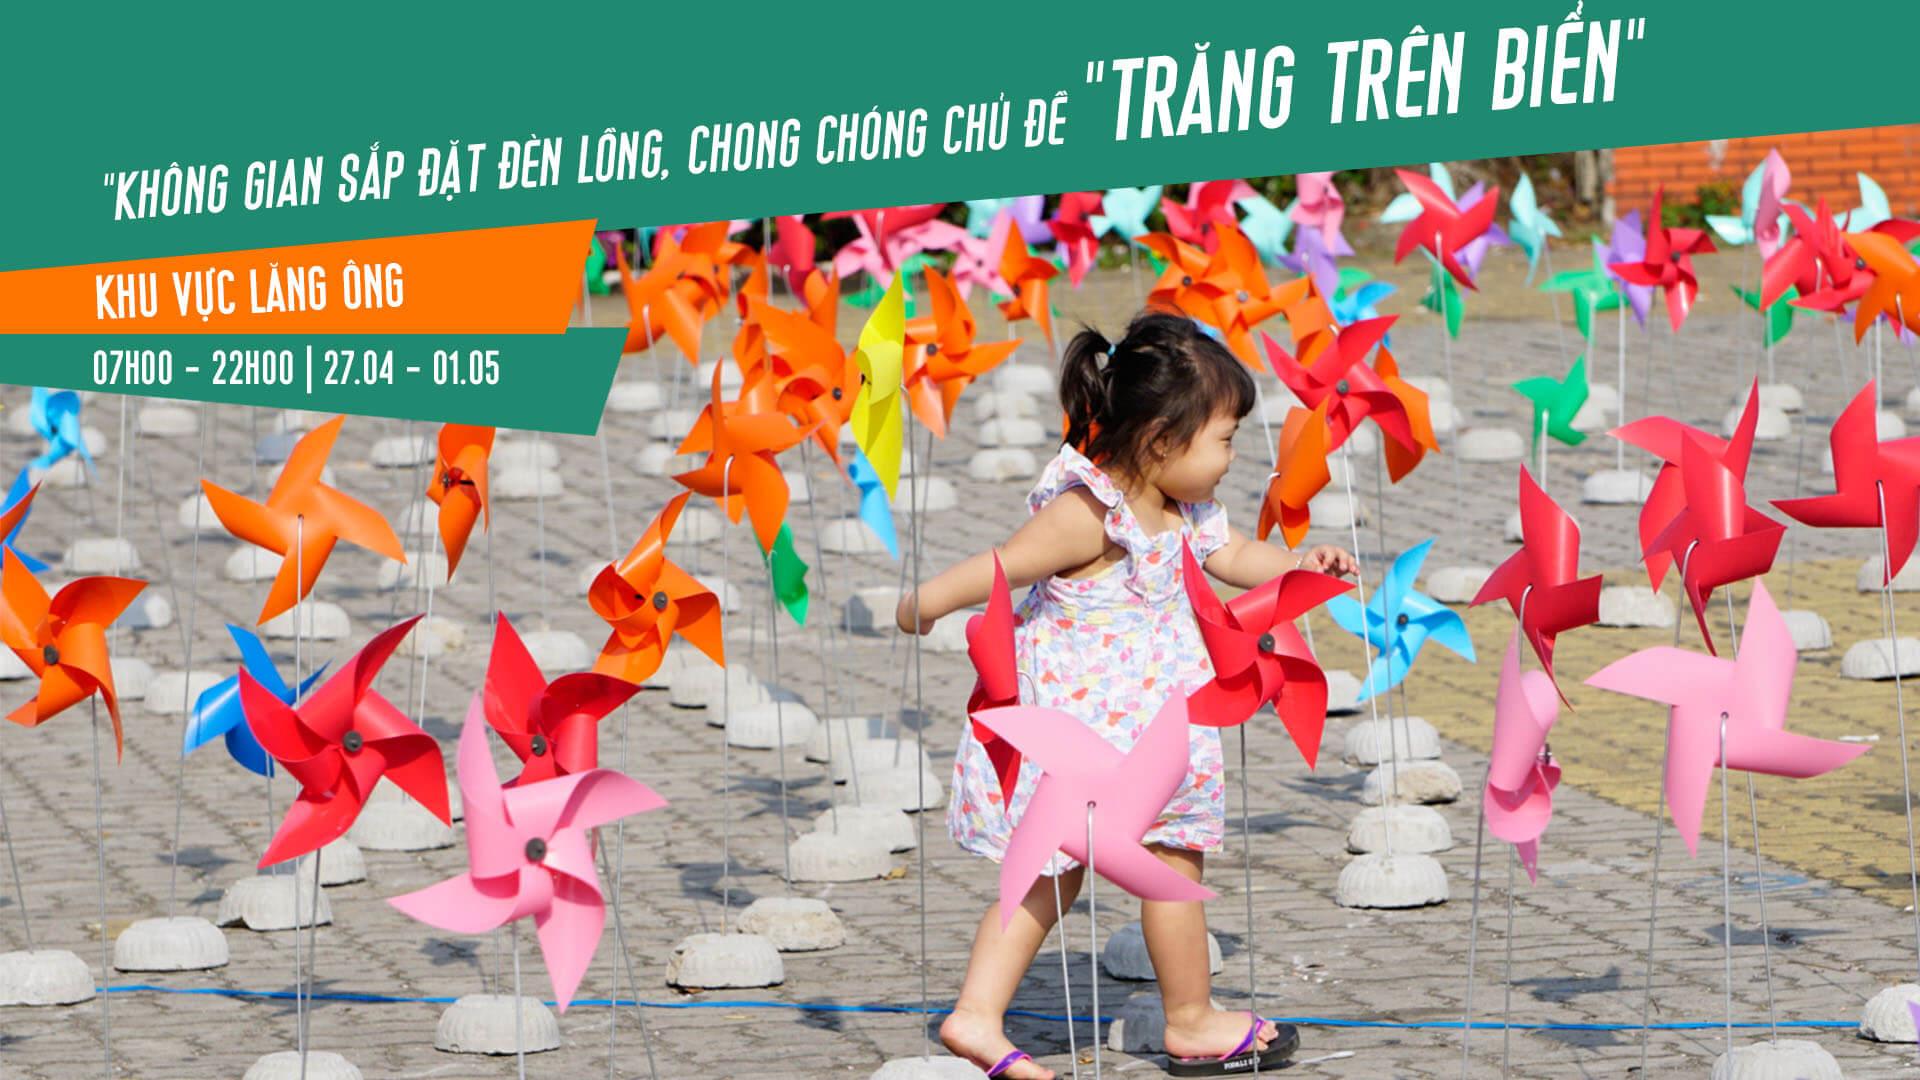 Chi tiết chương trình Khai trương mùa Du lịch biển Đà Nẵng 2018 4